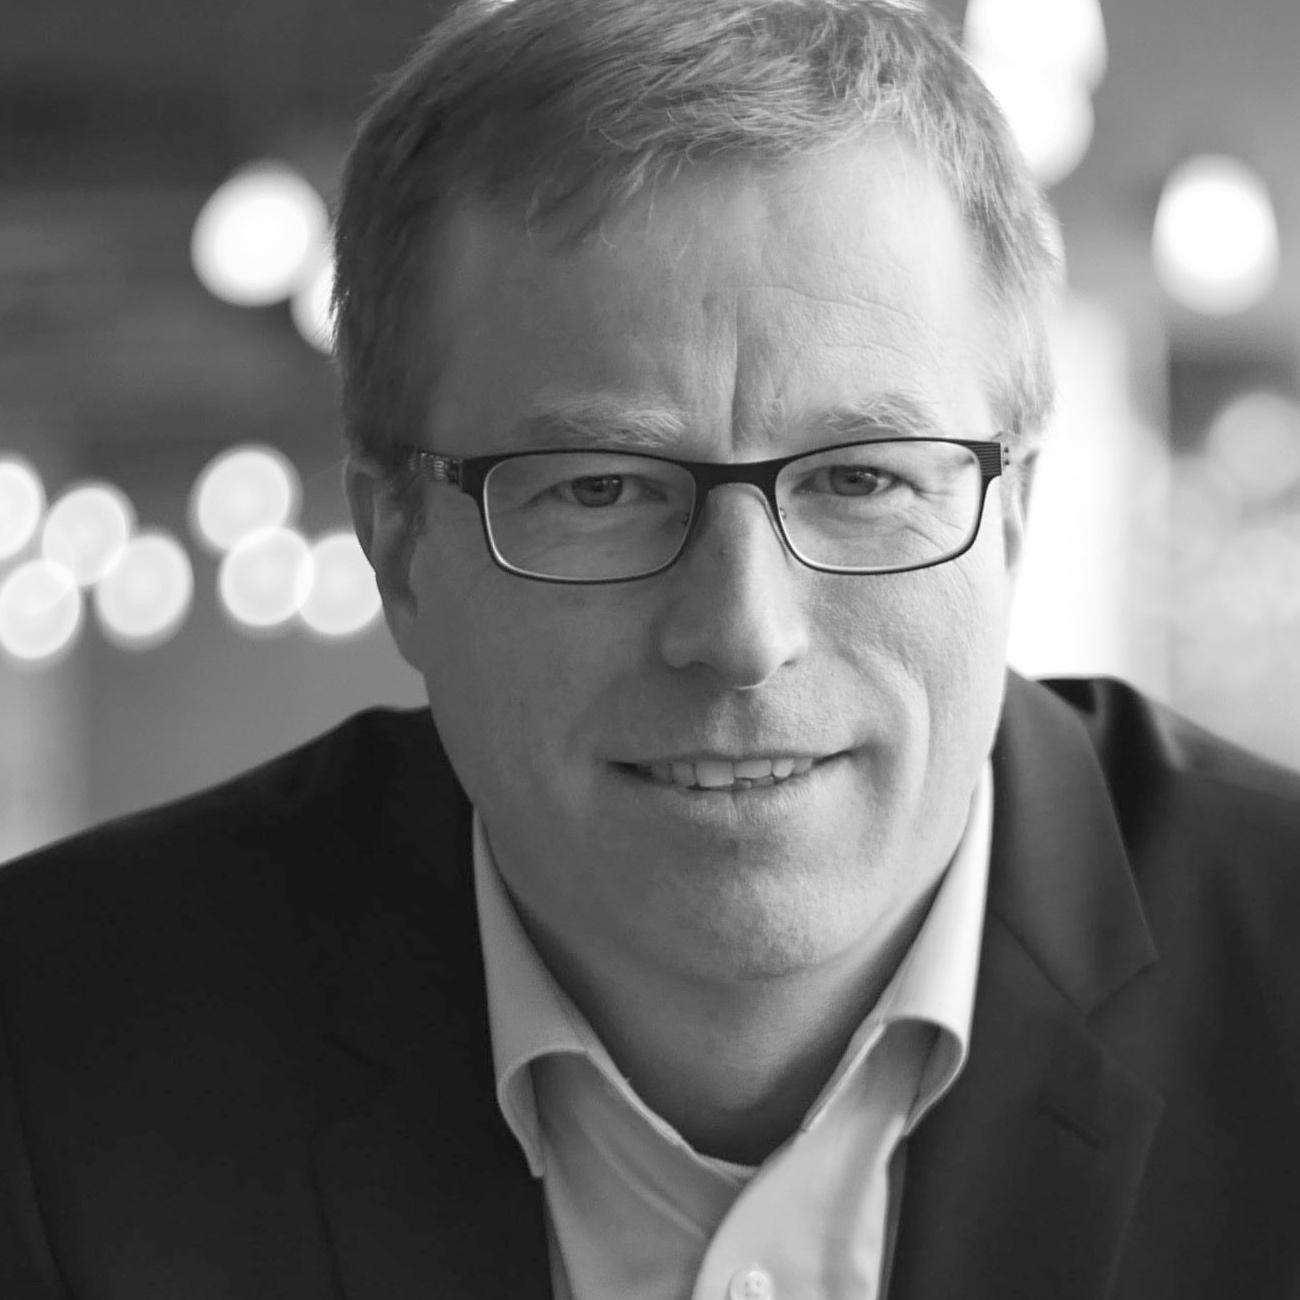 Dr. Marcus Weiand  ist Studienleiter dieses Seminars, (Ph.D., King's College, London) ist als TCK in Peru aufgewachsen und arbeitet heute als Dozent und Berater am Institut für Konflikt-Transformation ComPax am Bildungszentrum Bienenberg, Schweiz